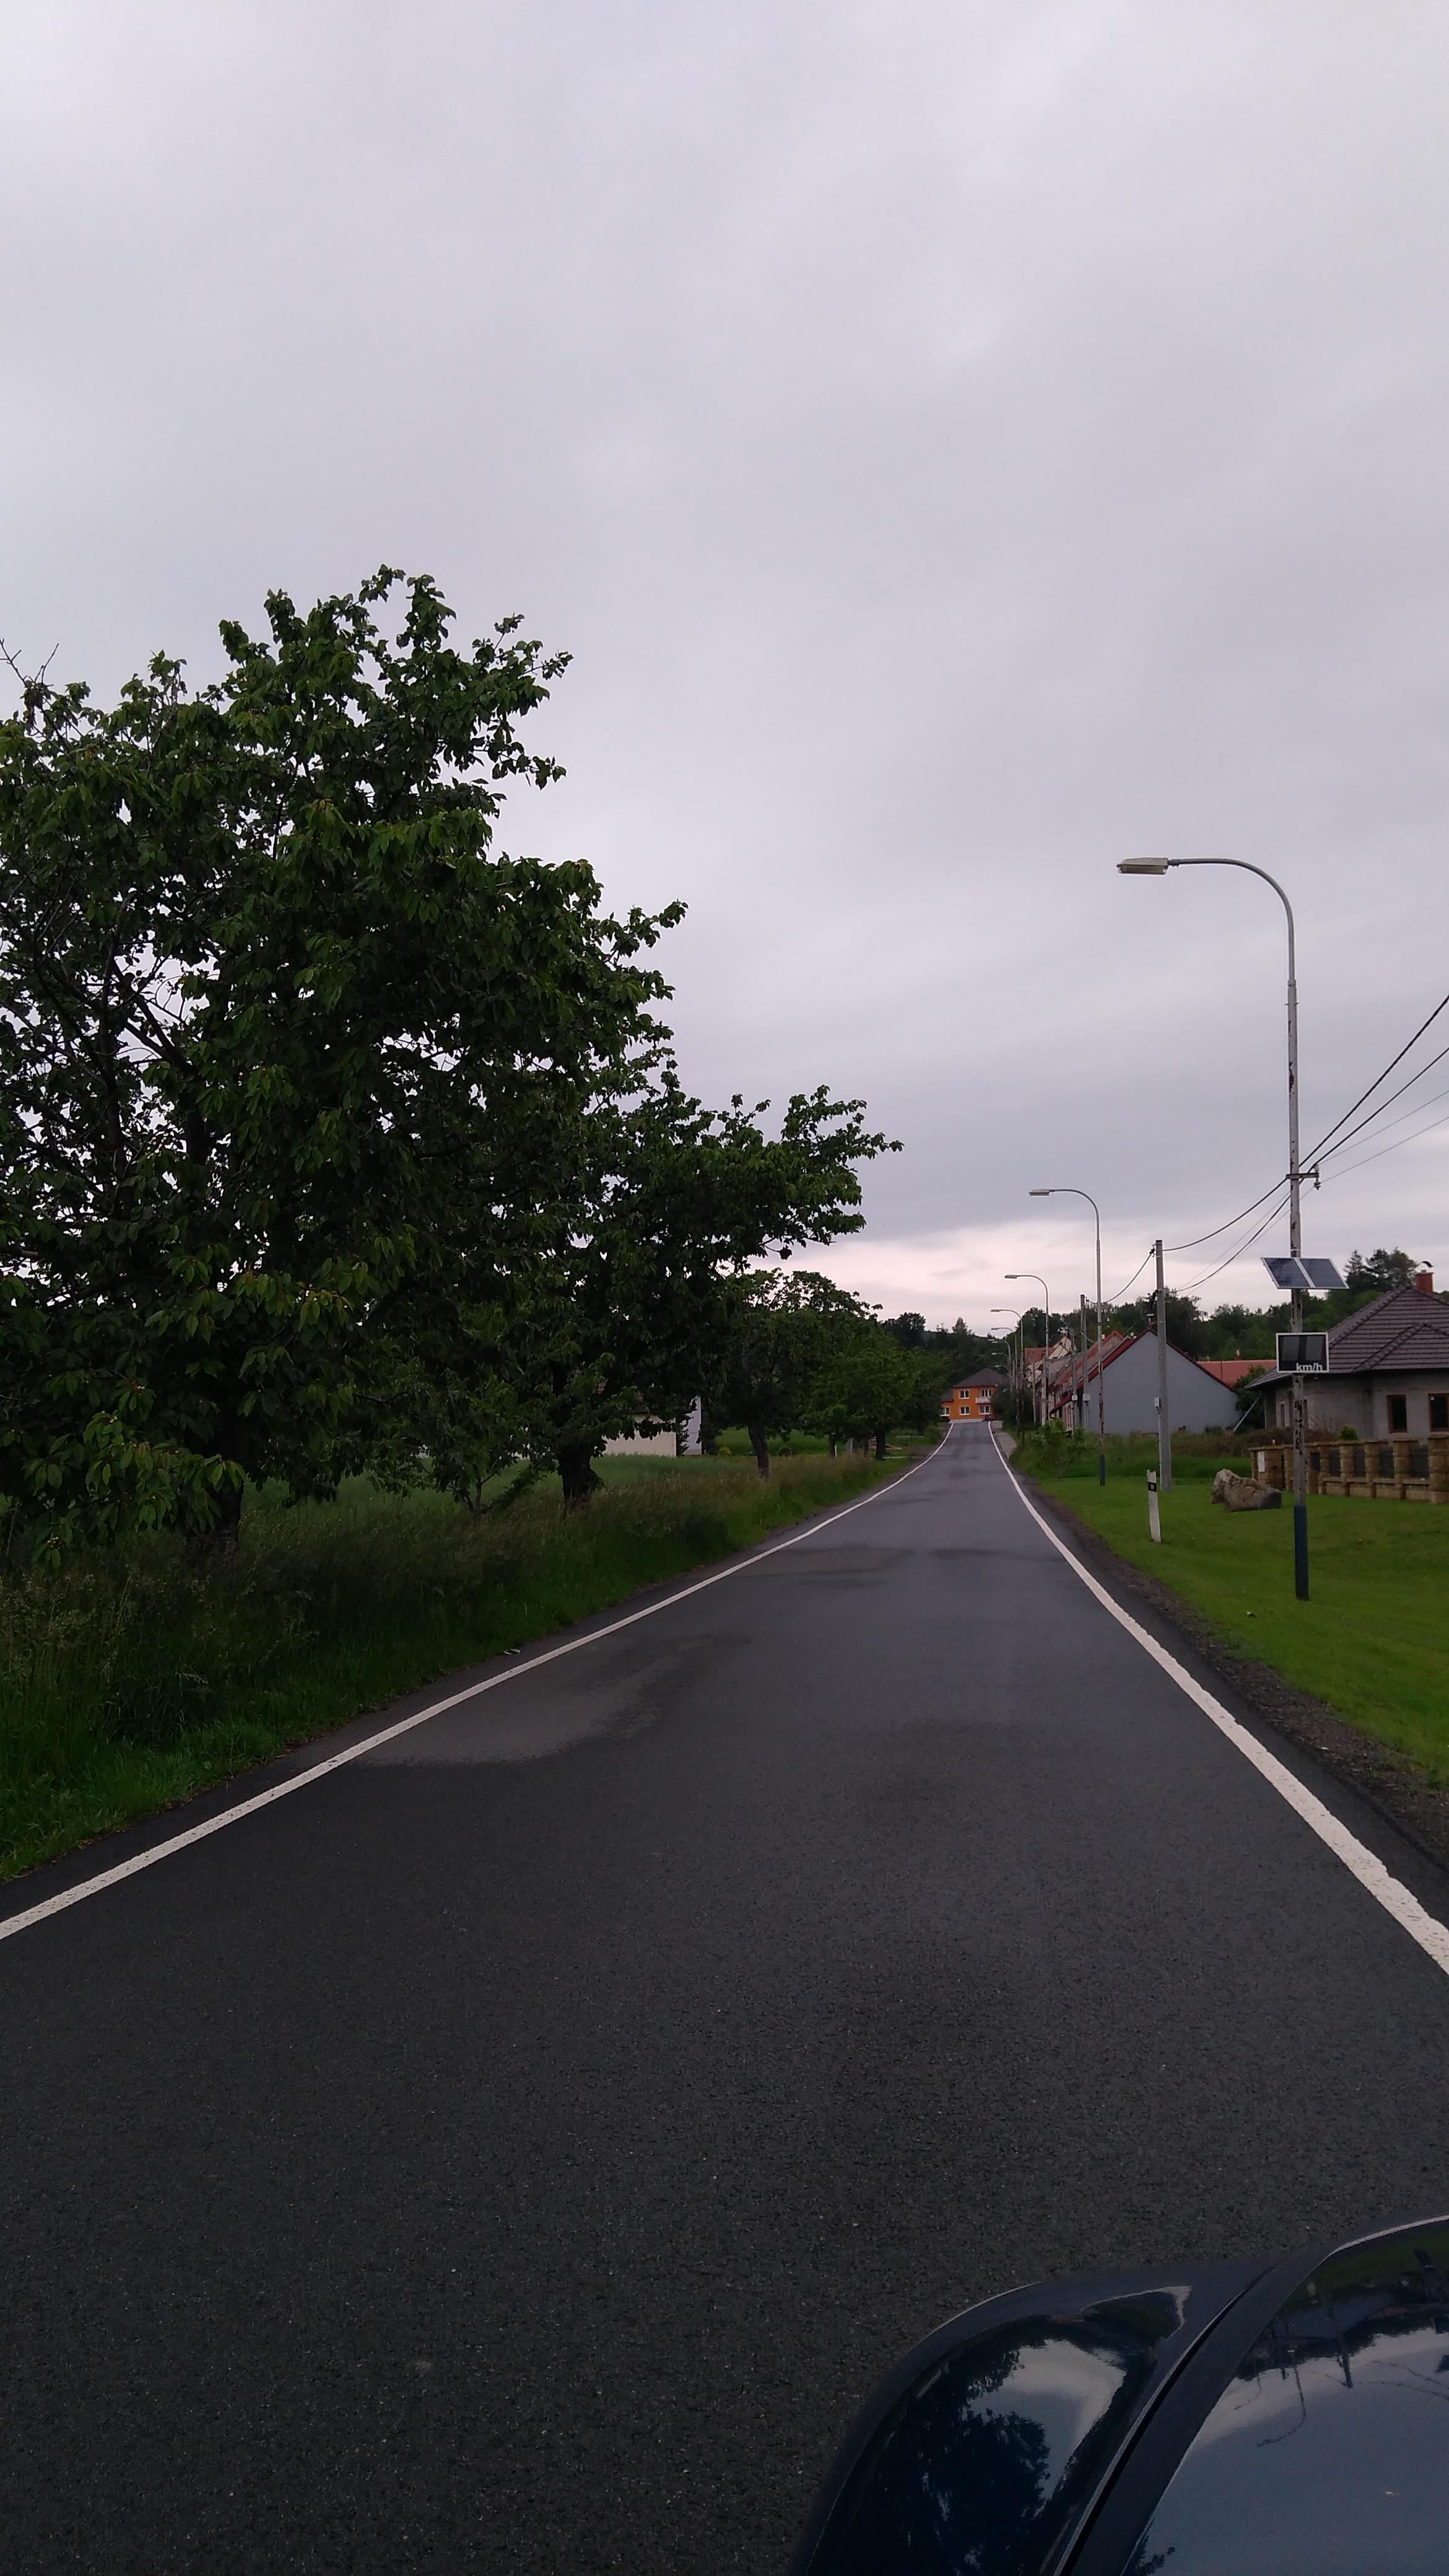 Veřejné LED osvětlení – Veřejná zakázka II. etapa (Velké Pavlovice)